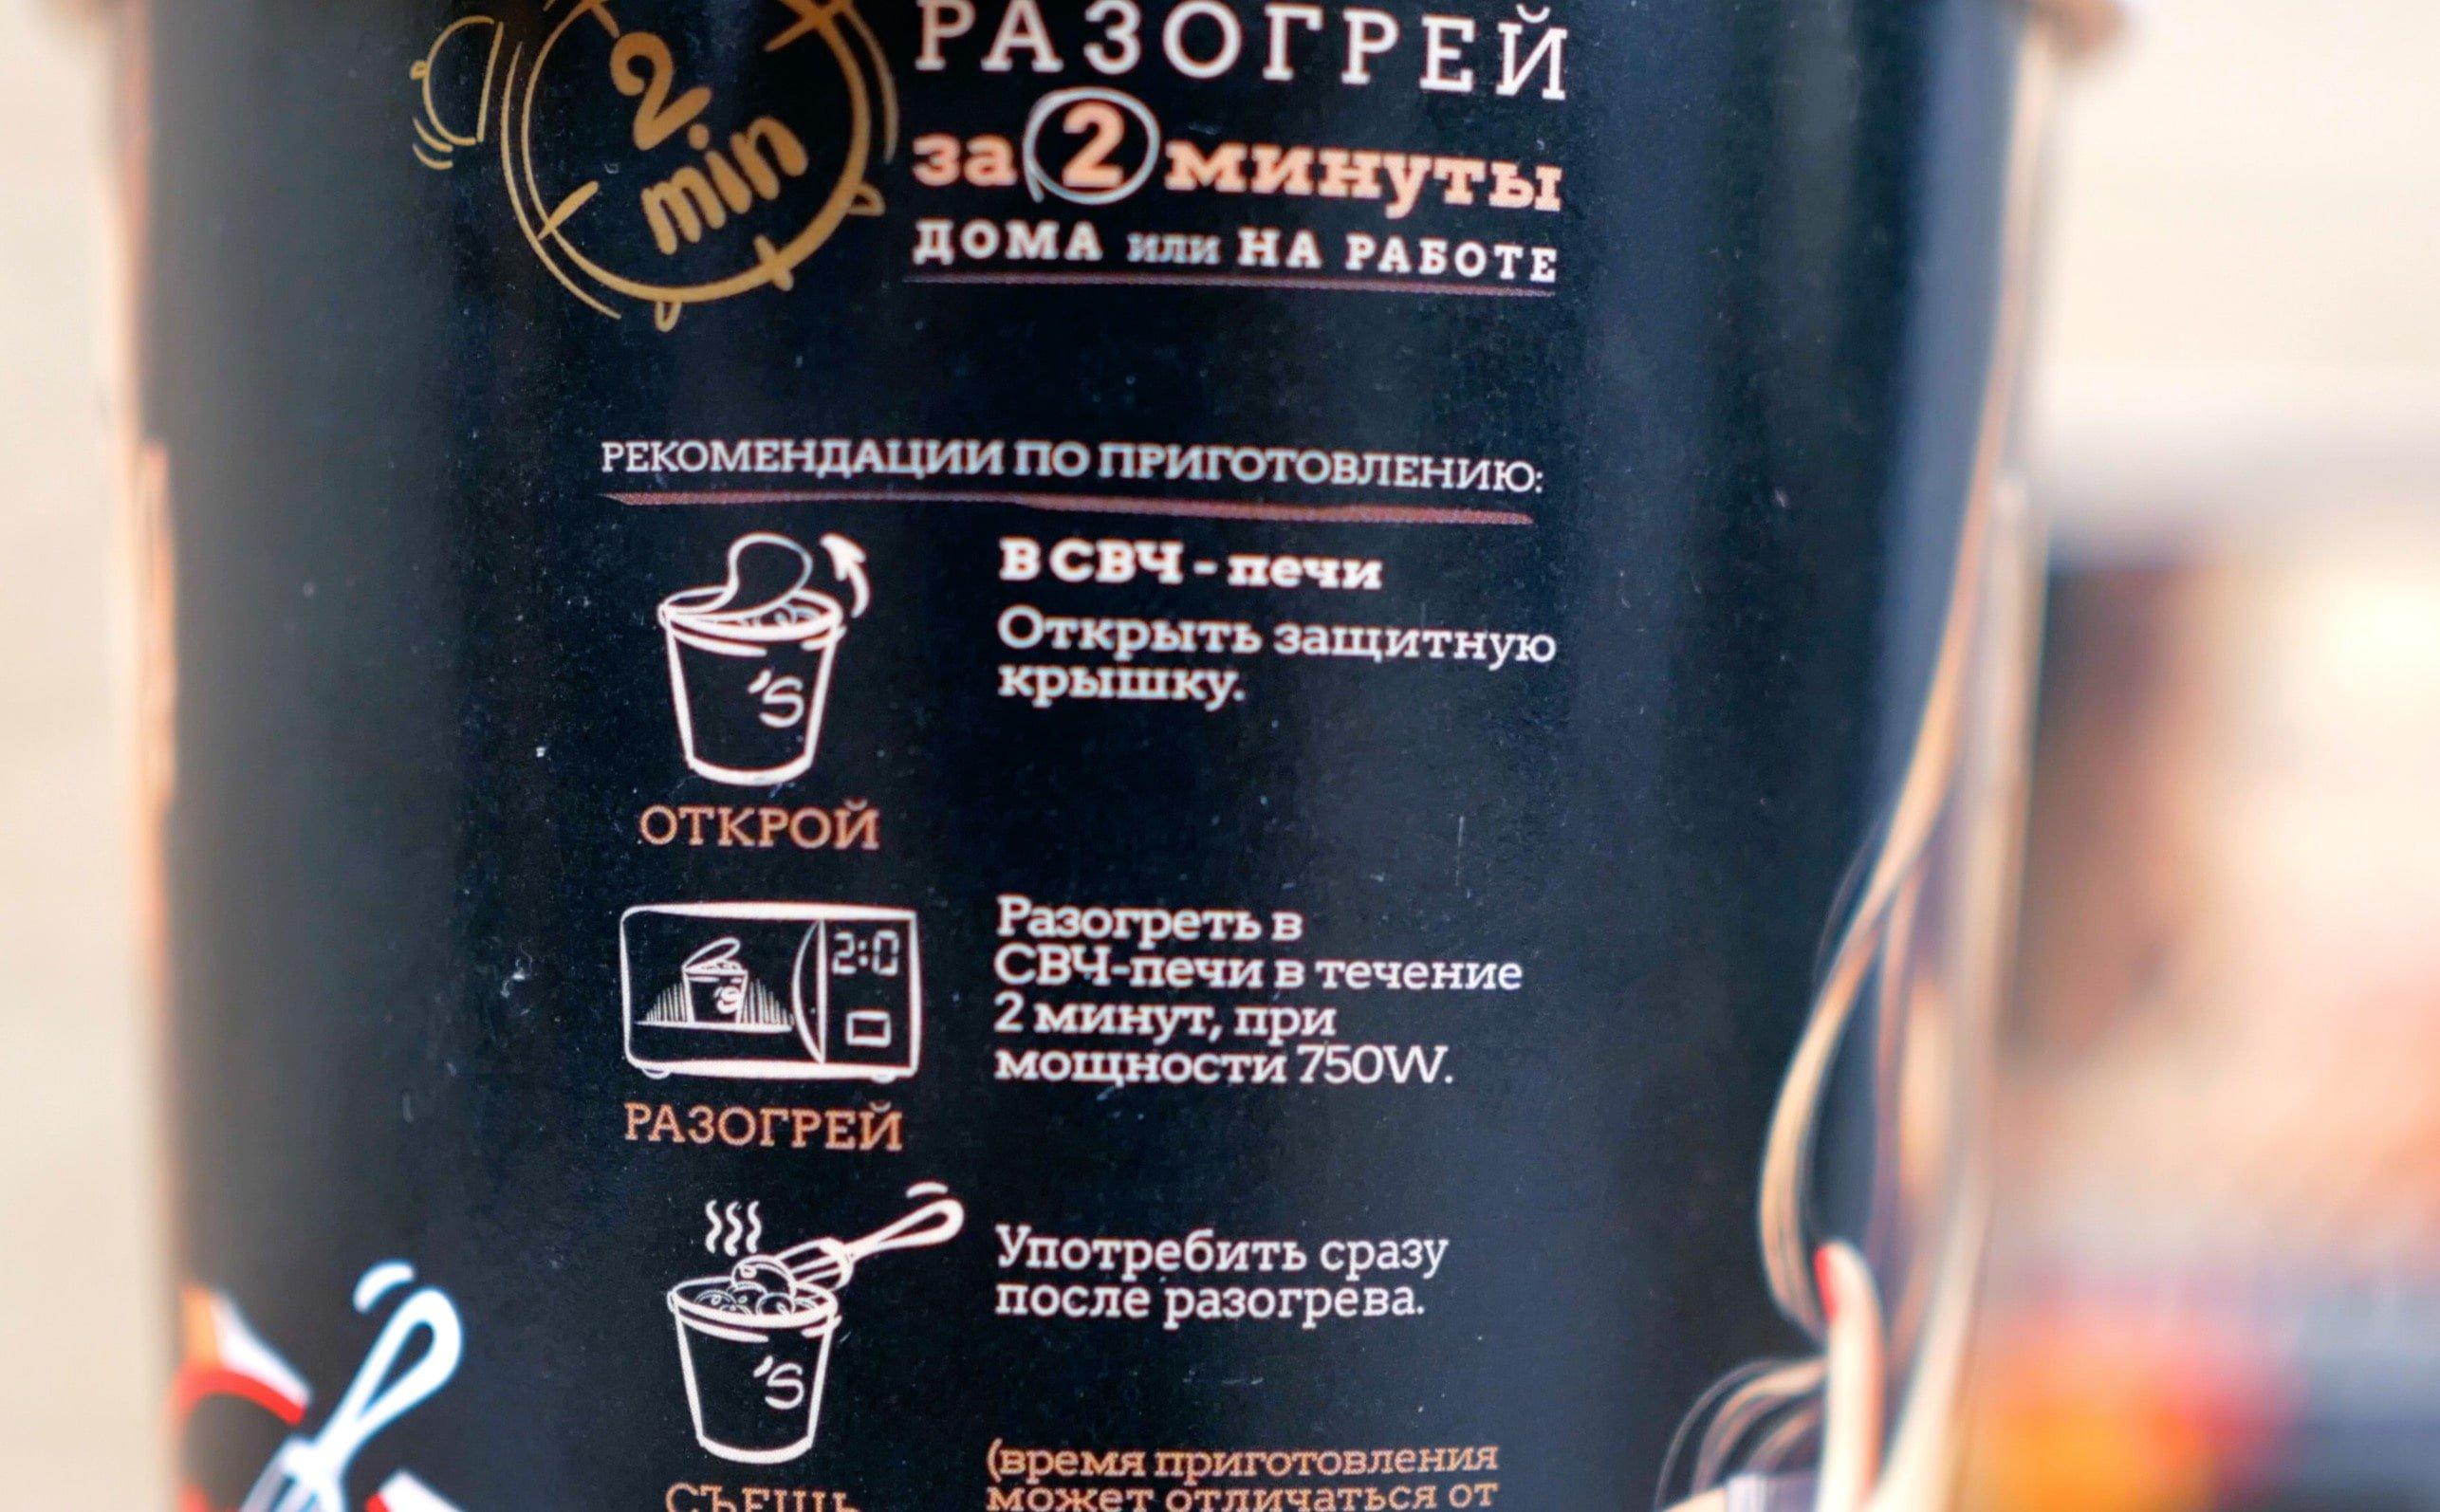 дамплс сибирская коллекция способ приготвления